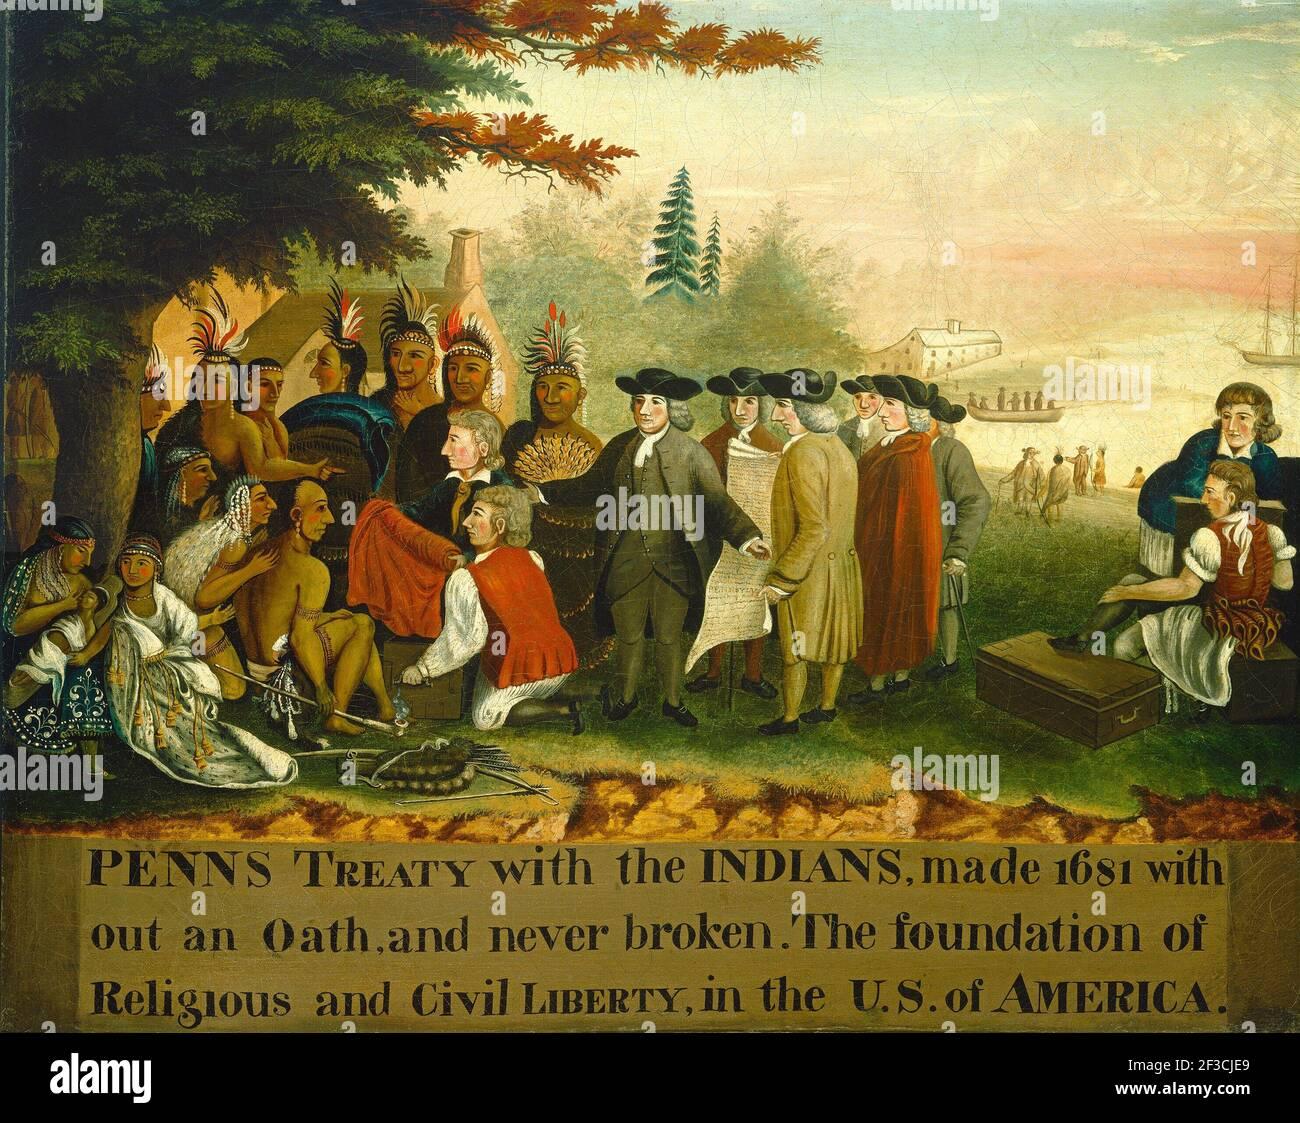 Traité de Penn avec les Indiens, c. 1840/1844. Banque D'Images